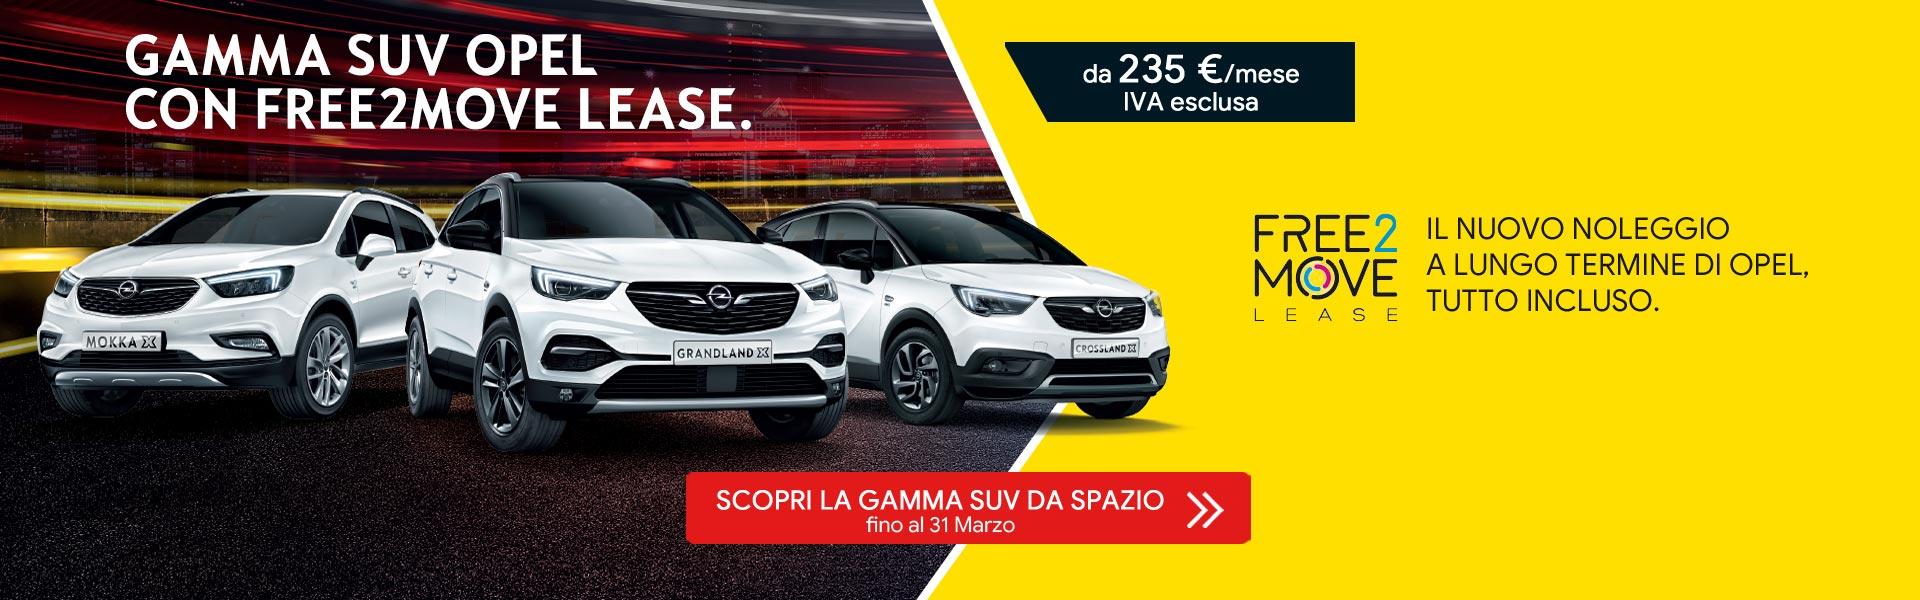 Gamma SUV Opel con finanziamento Free2Move Lease